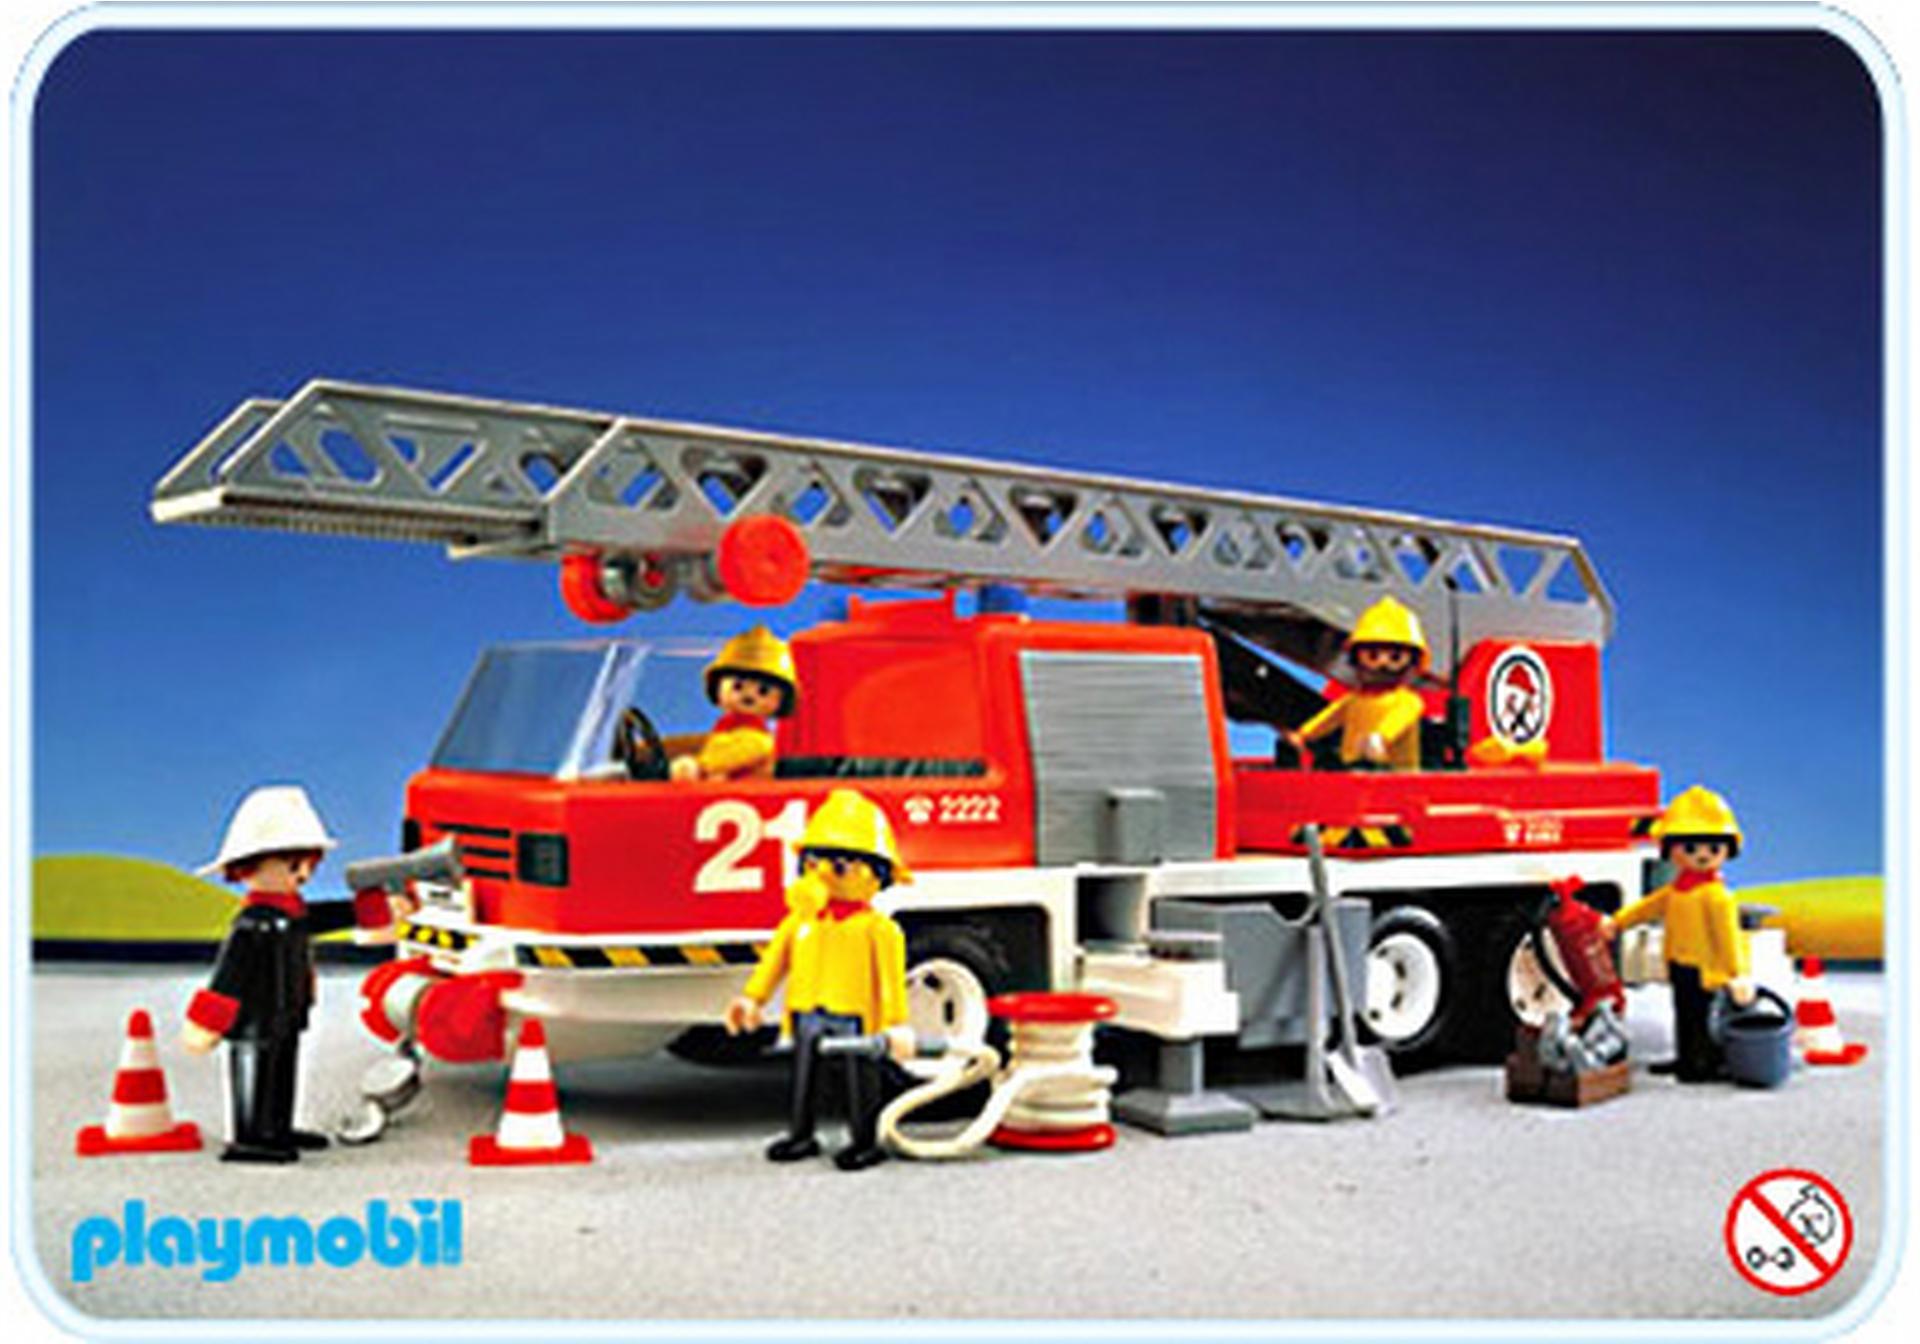 Feuerwehr leiterfahrzeug 3781 a playmobil deutschland for Jugendzimmer playmobil